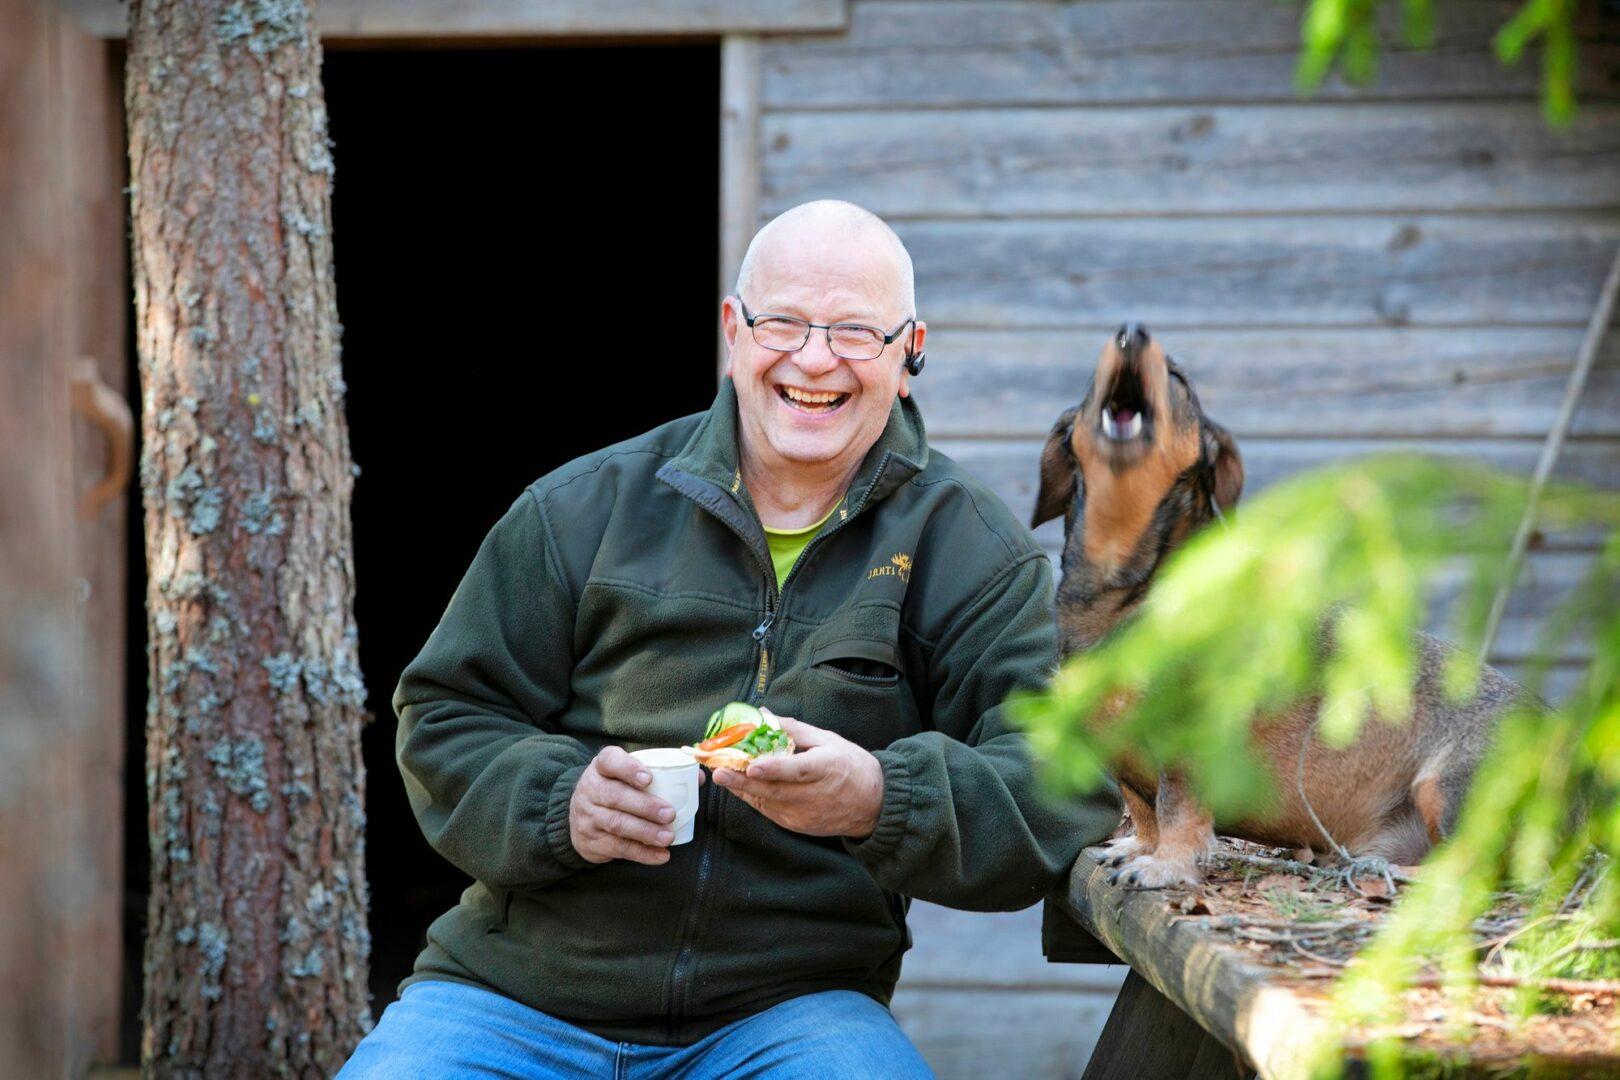 Nykyään Jarmo Rakkolainen herkuttelee muun muassa lähileipomon happamalla tattarileivällä, joka on täysin gluteeniton. © Suvi Elo